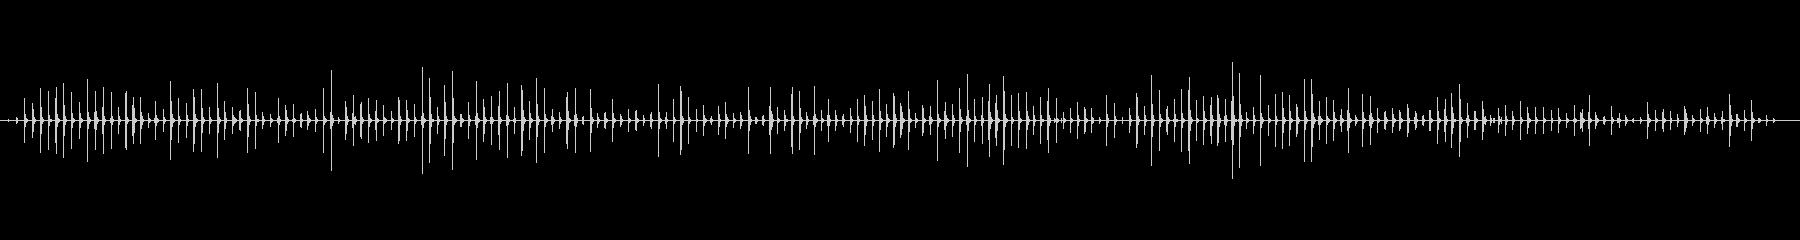 西会津町 - 伝統産業 コウゾを叩く音の未再生の波形